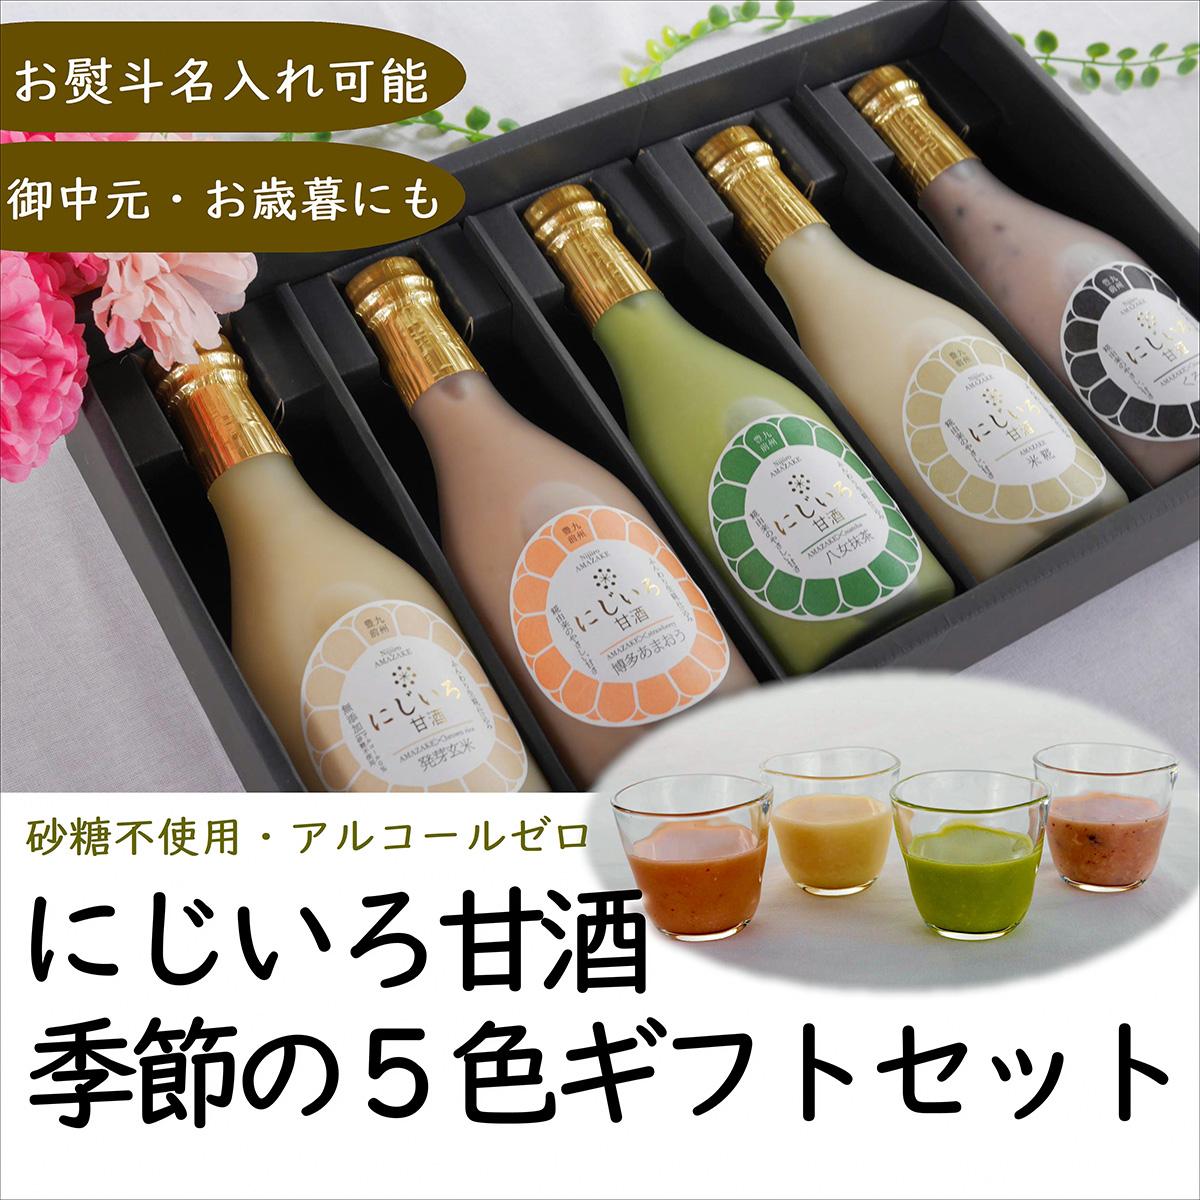 【ふるさと納税】にじいろ甘酒 季節の5色ギフトセット(お砂糖不使用・アルコールゼロ)